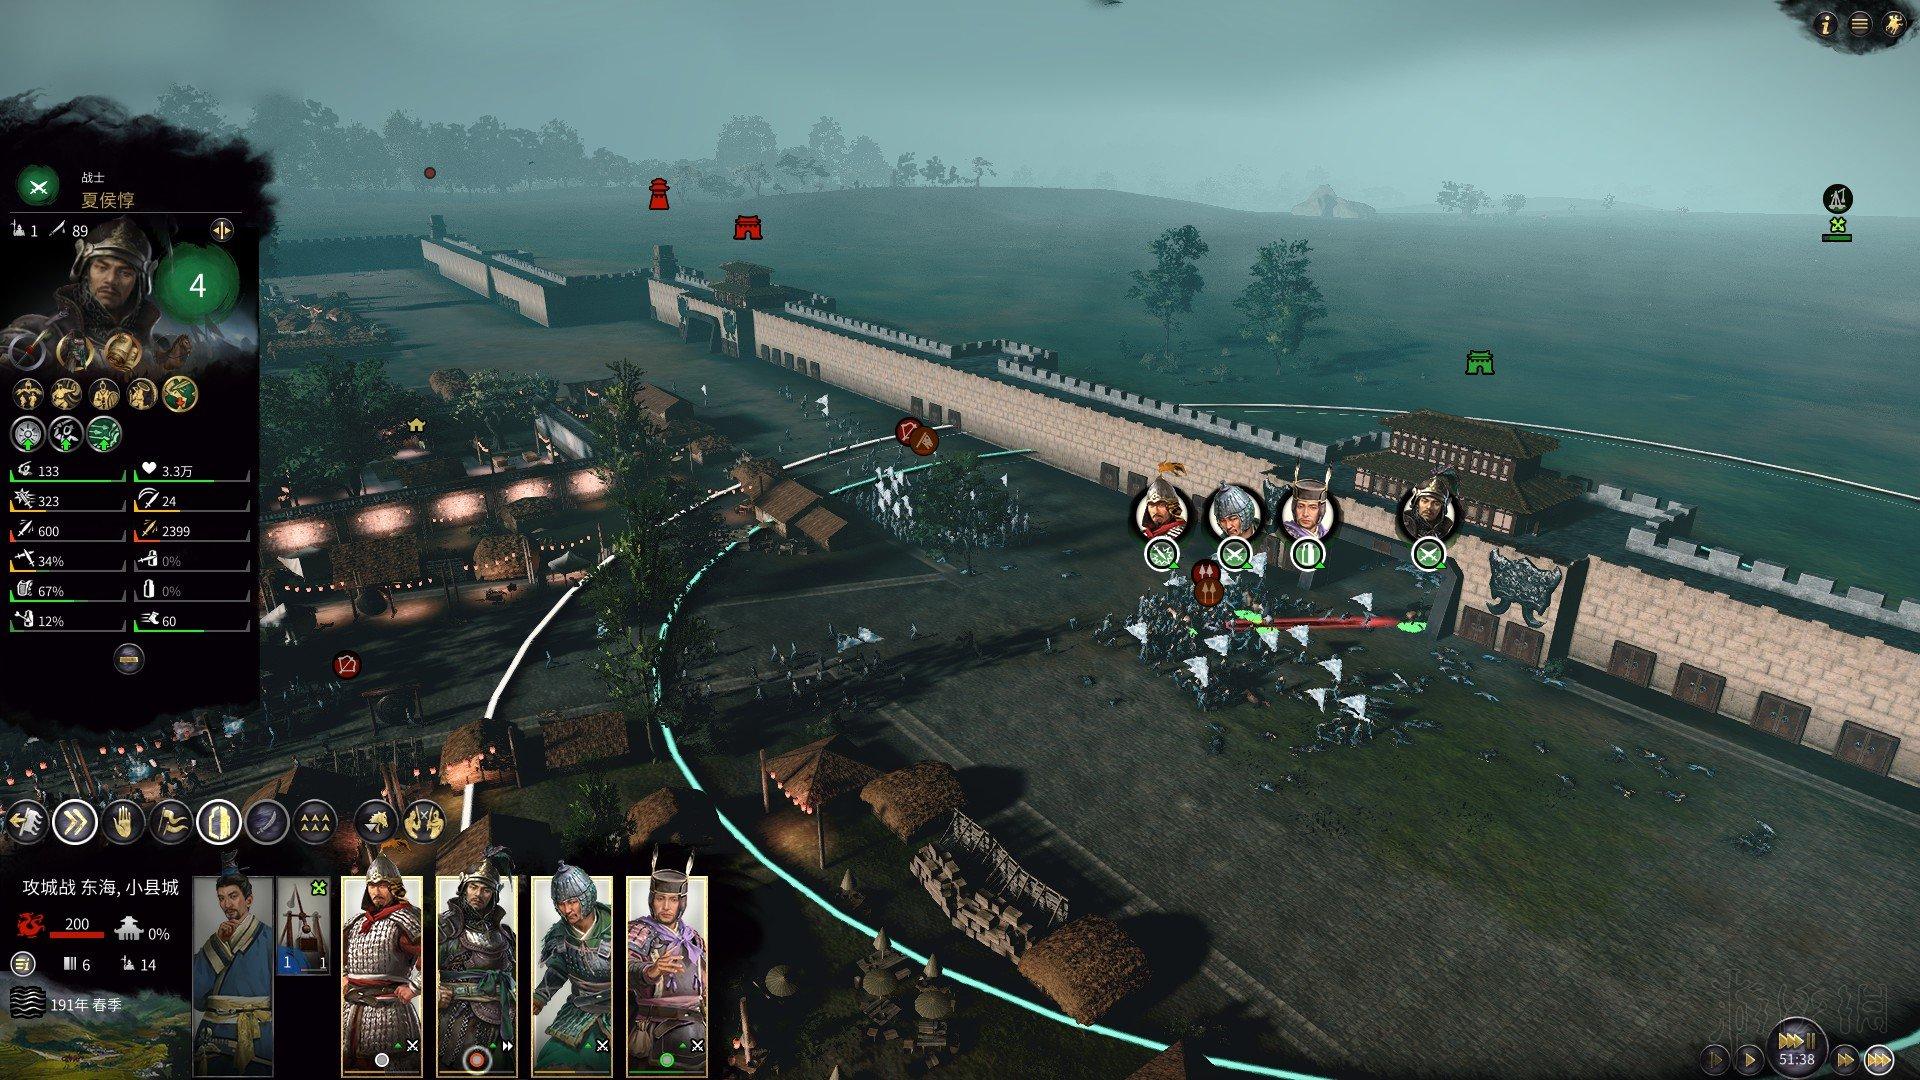 《全面戰爭三國》速通攻略玩 3